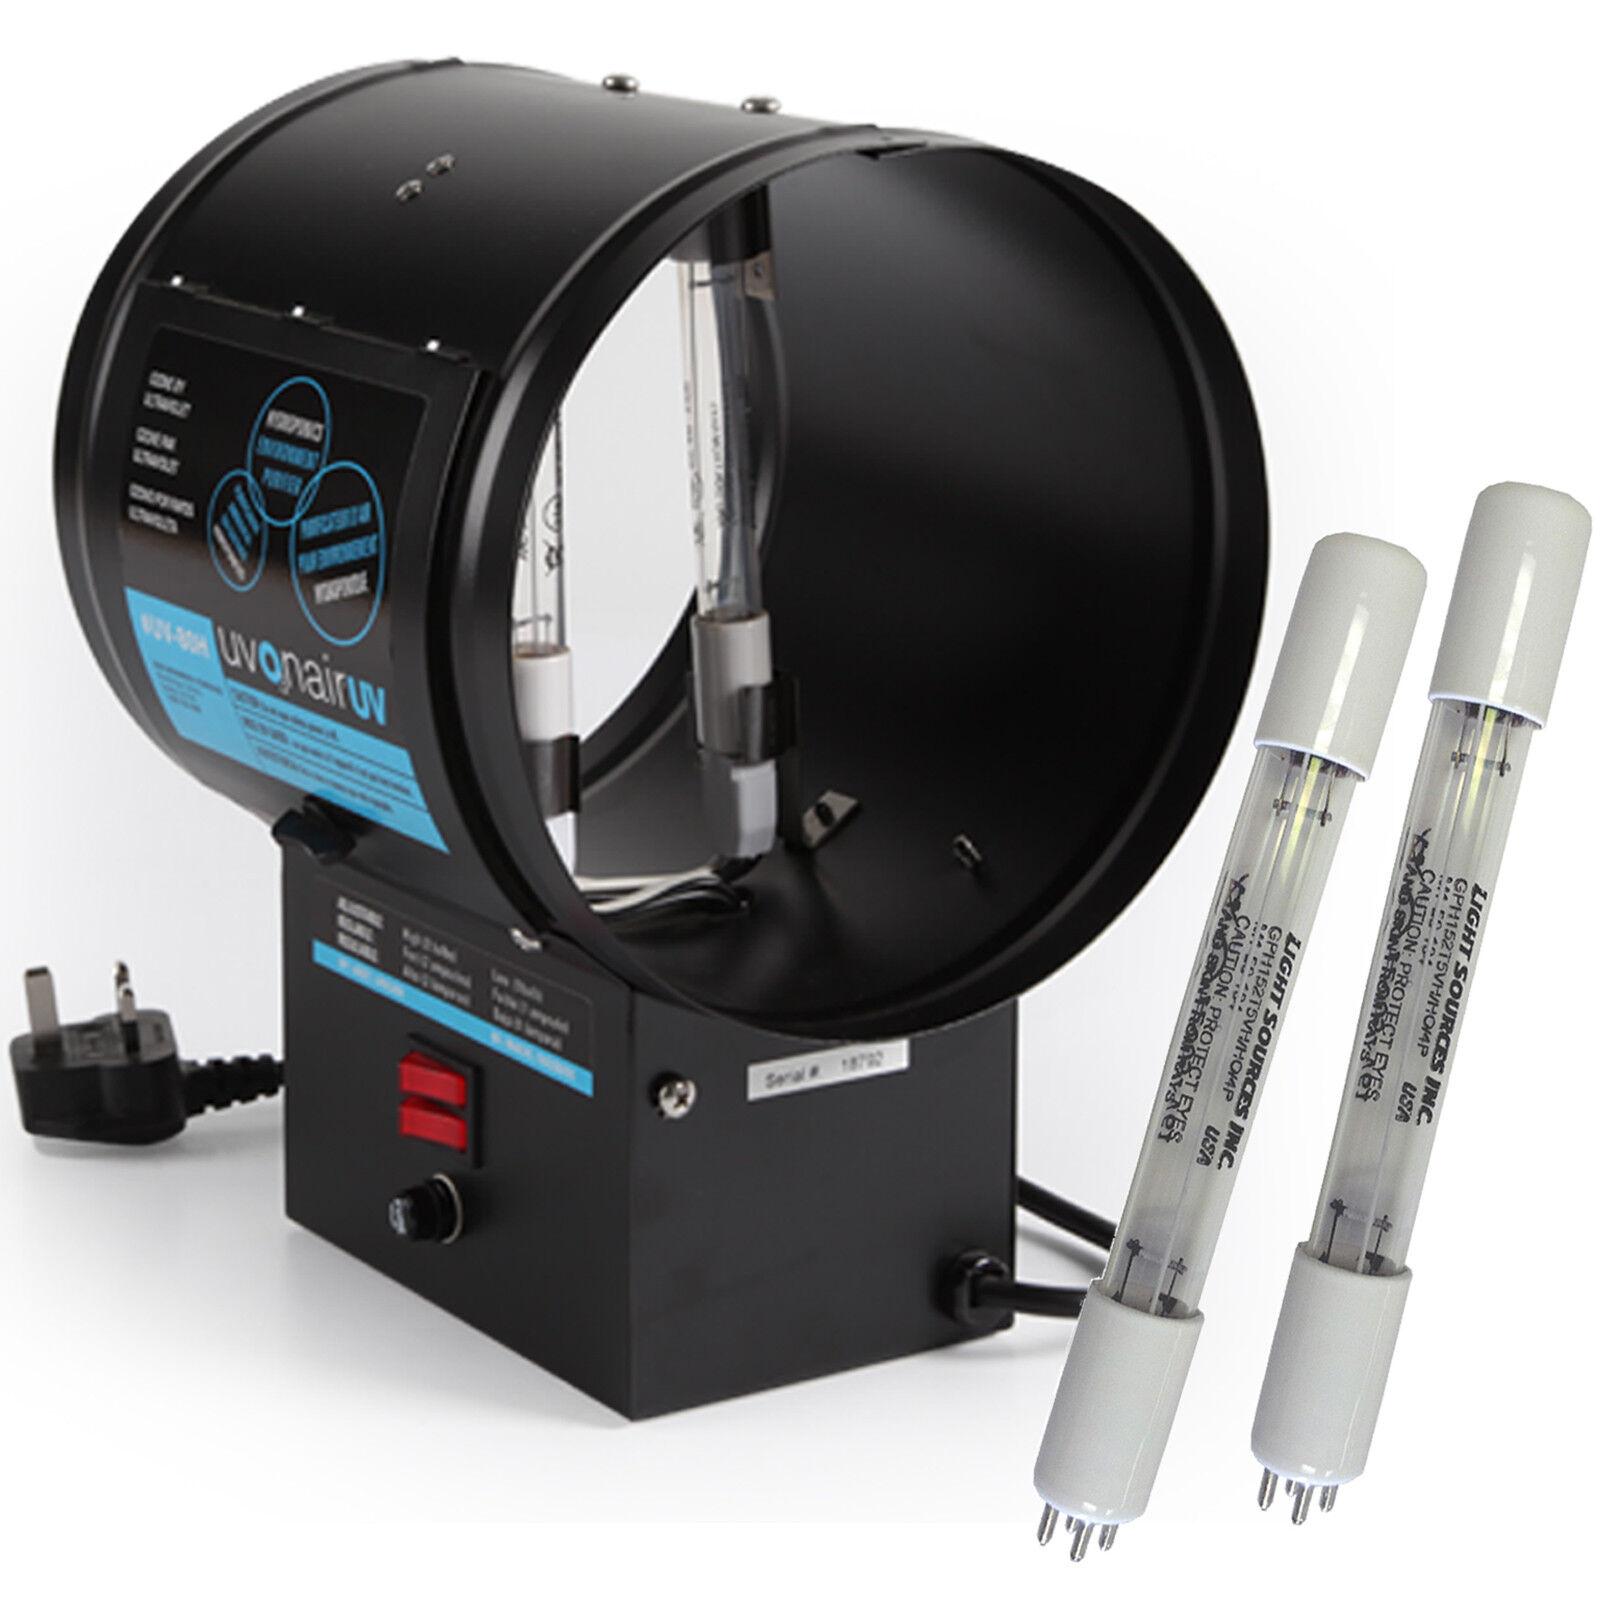 Uvonair UV-80H in Linea 20.3cm Tubo Ozone Generatore Idroponico Odori